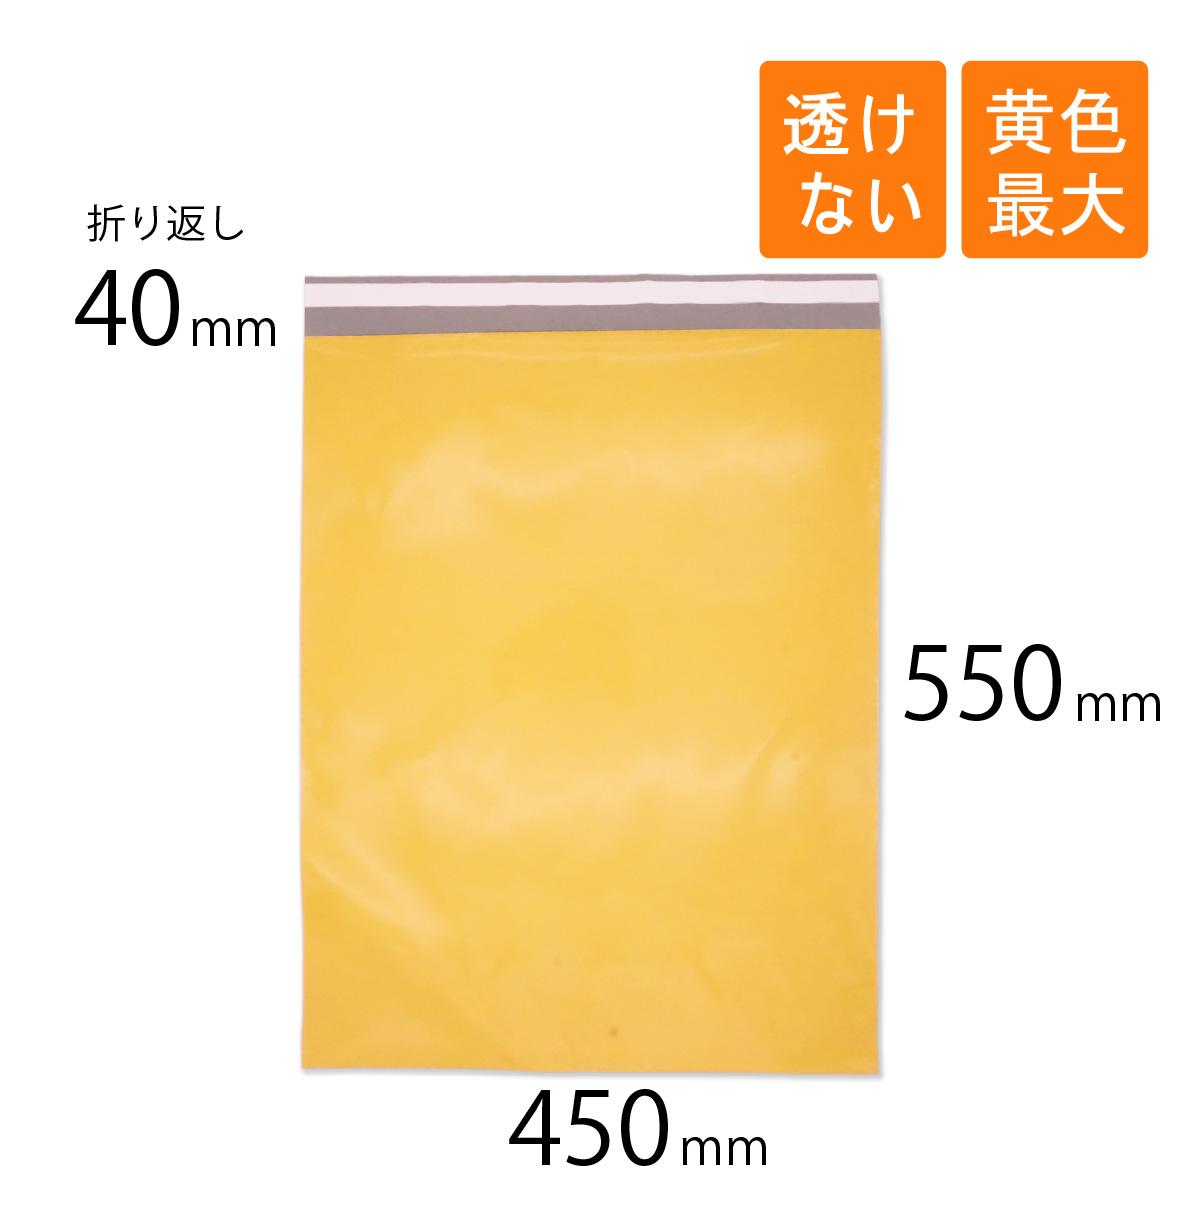 宅配ビニール袋 黄色 450×500mm